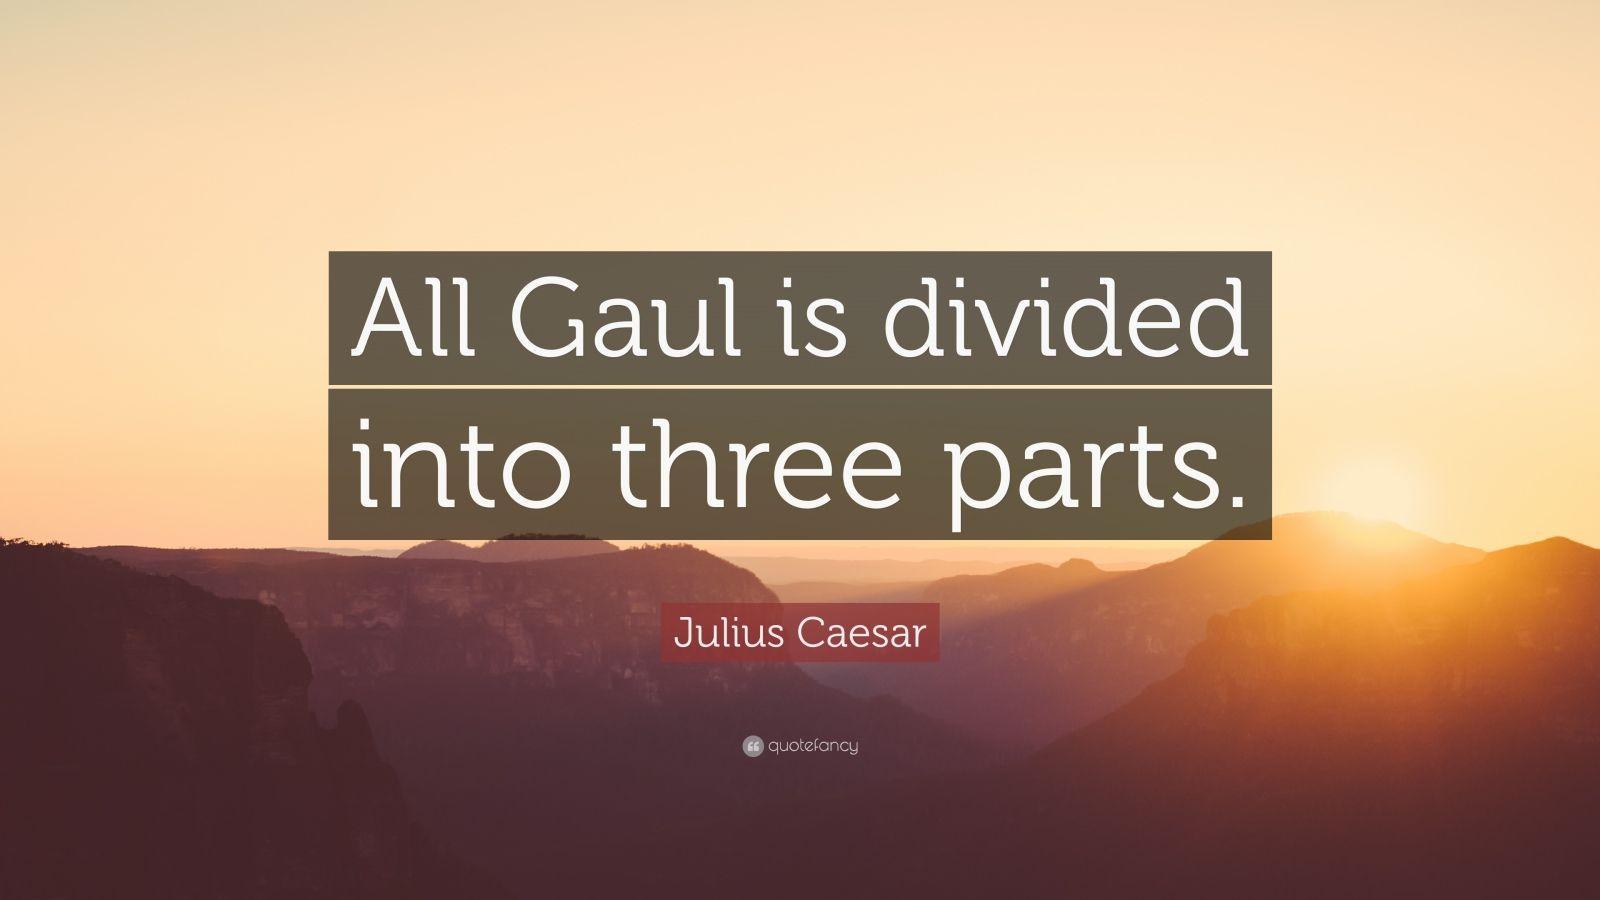 Julius Caesar Quotes (48 wallpapers) - Quotefancy